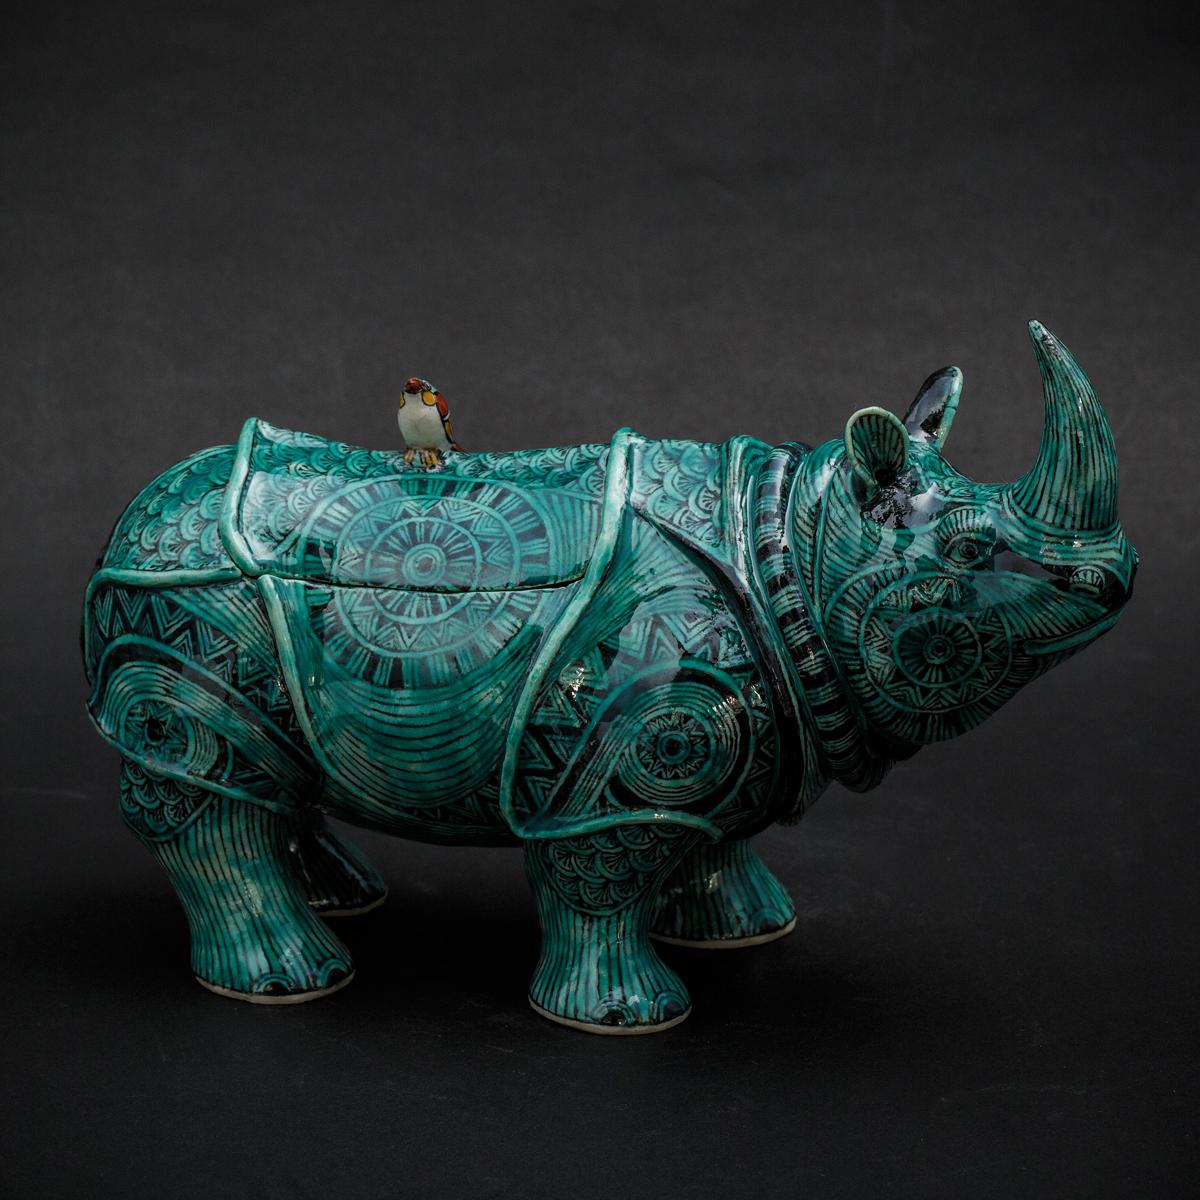 Green Rhino by Kensuke Fujiyoshi